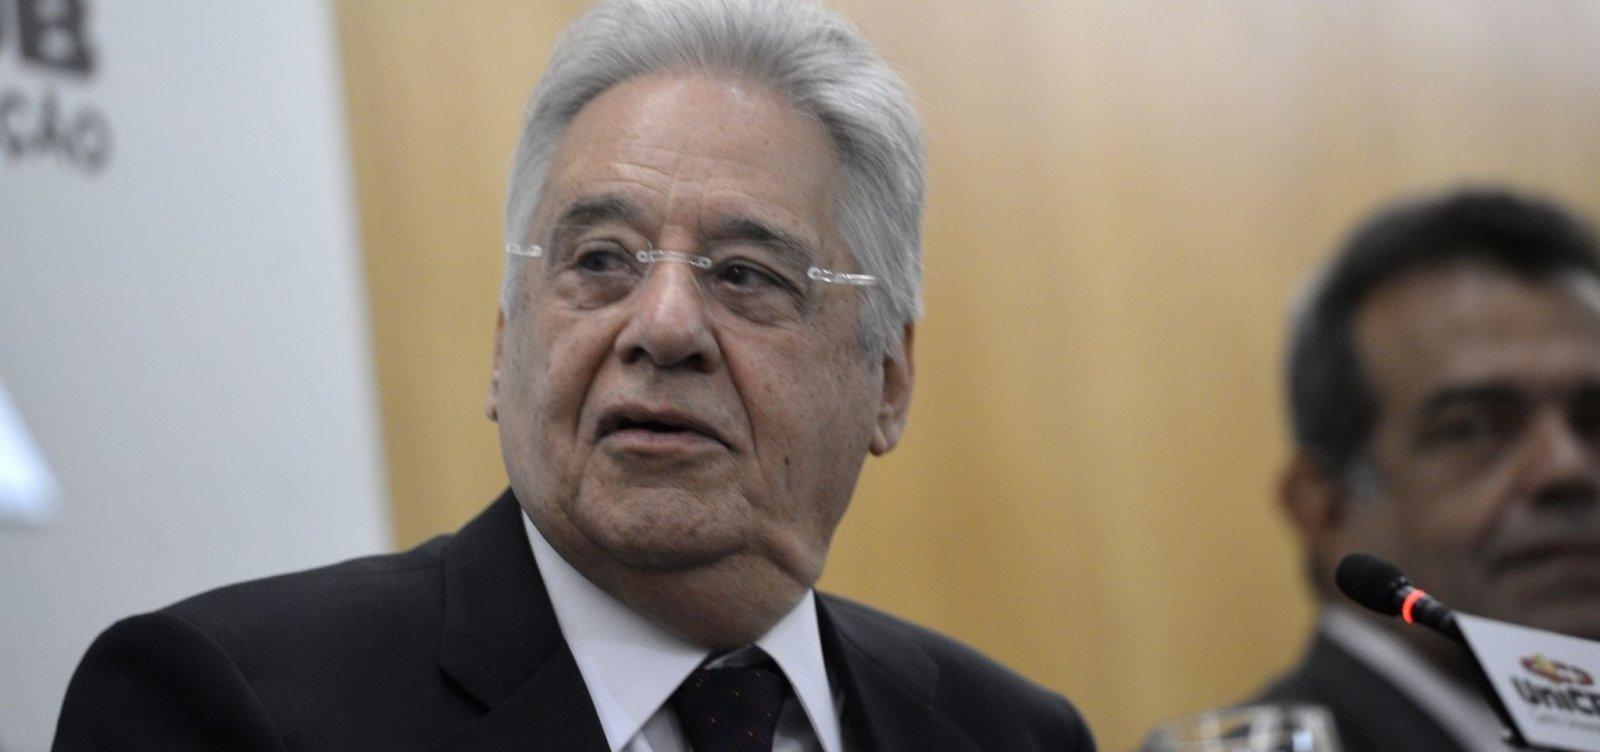 Uso da força na Venezuela teria 'custo muito elevado', avalia FHC